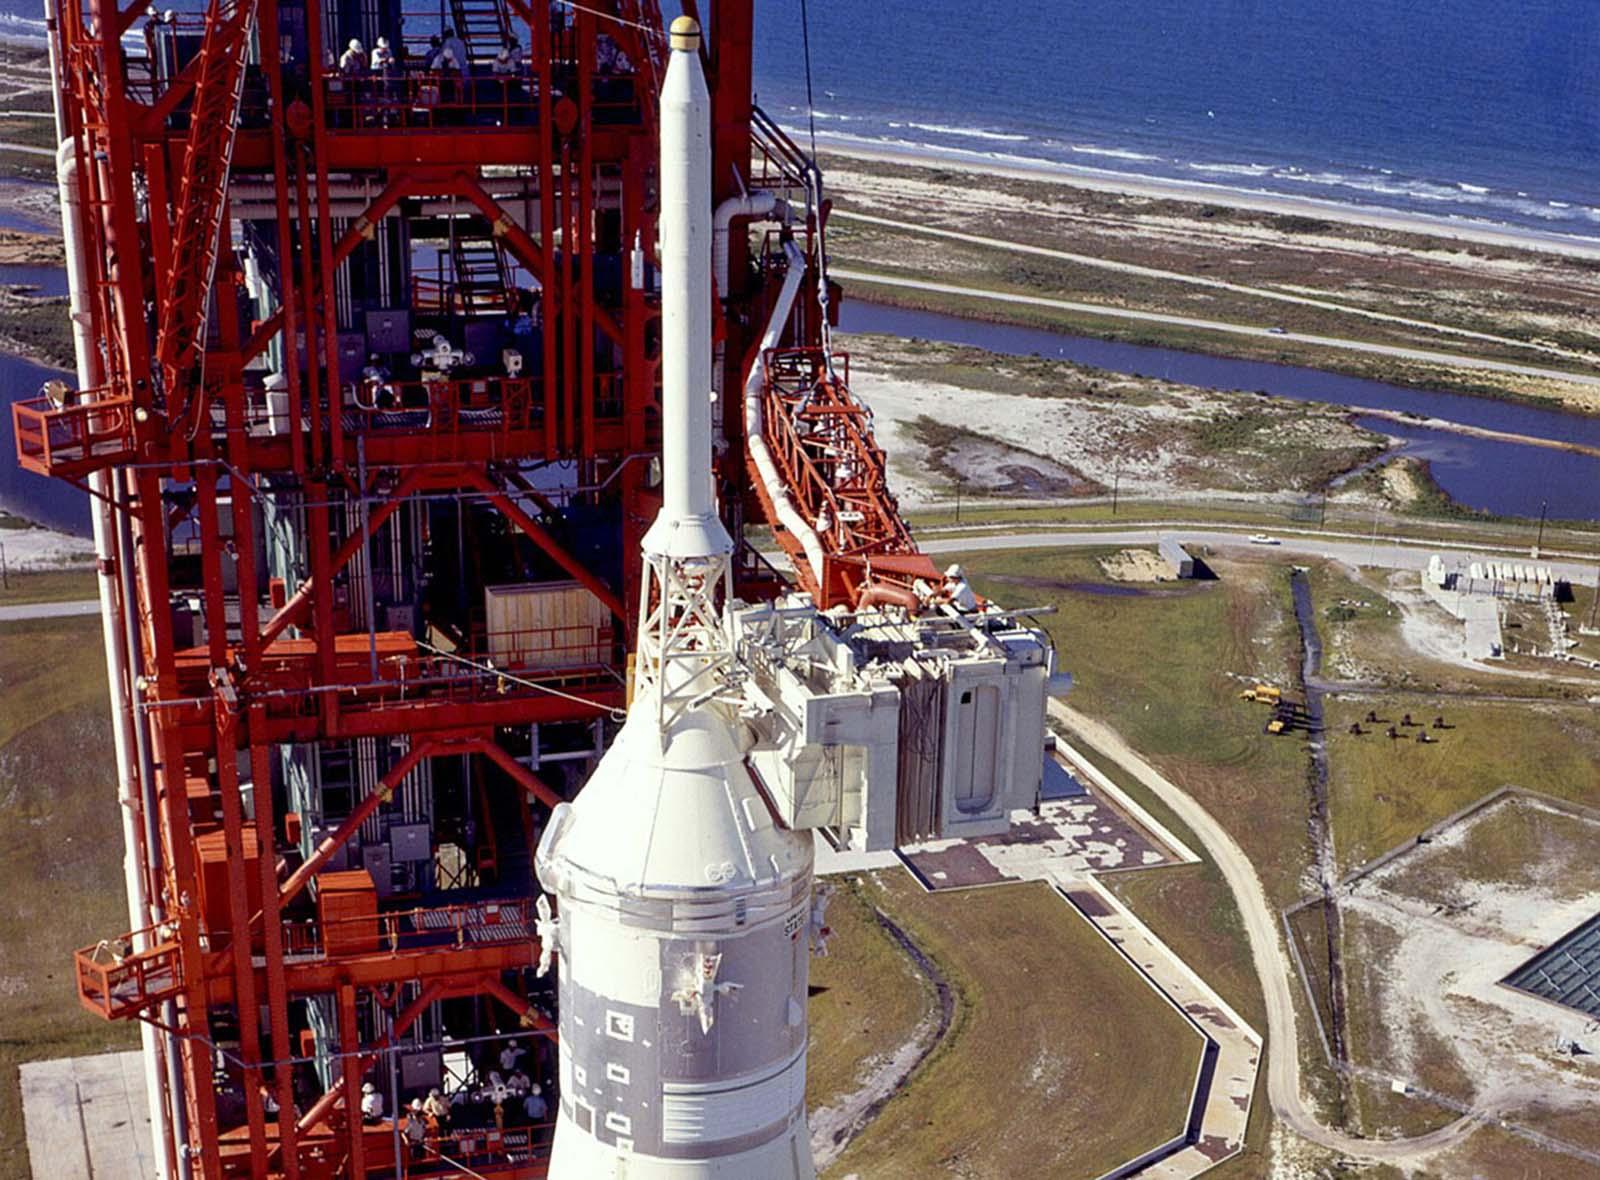 Preparado para o lançamento, um técnico trabalha no topo da sala branca, através da qual os astronautas entrarão na espaçonave, ao lado do foguete Saturn V de 36 metros de altura, que está na plataforma de lançamento do Kennedy Space Center.